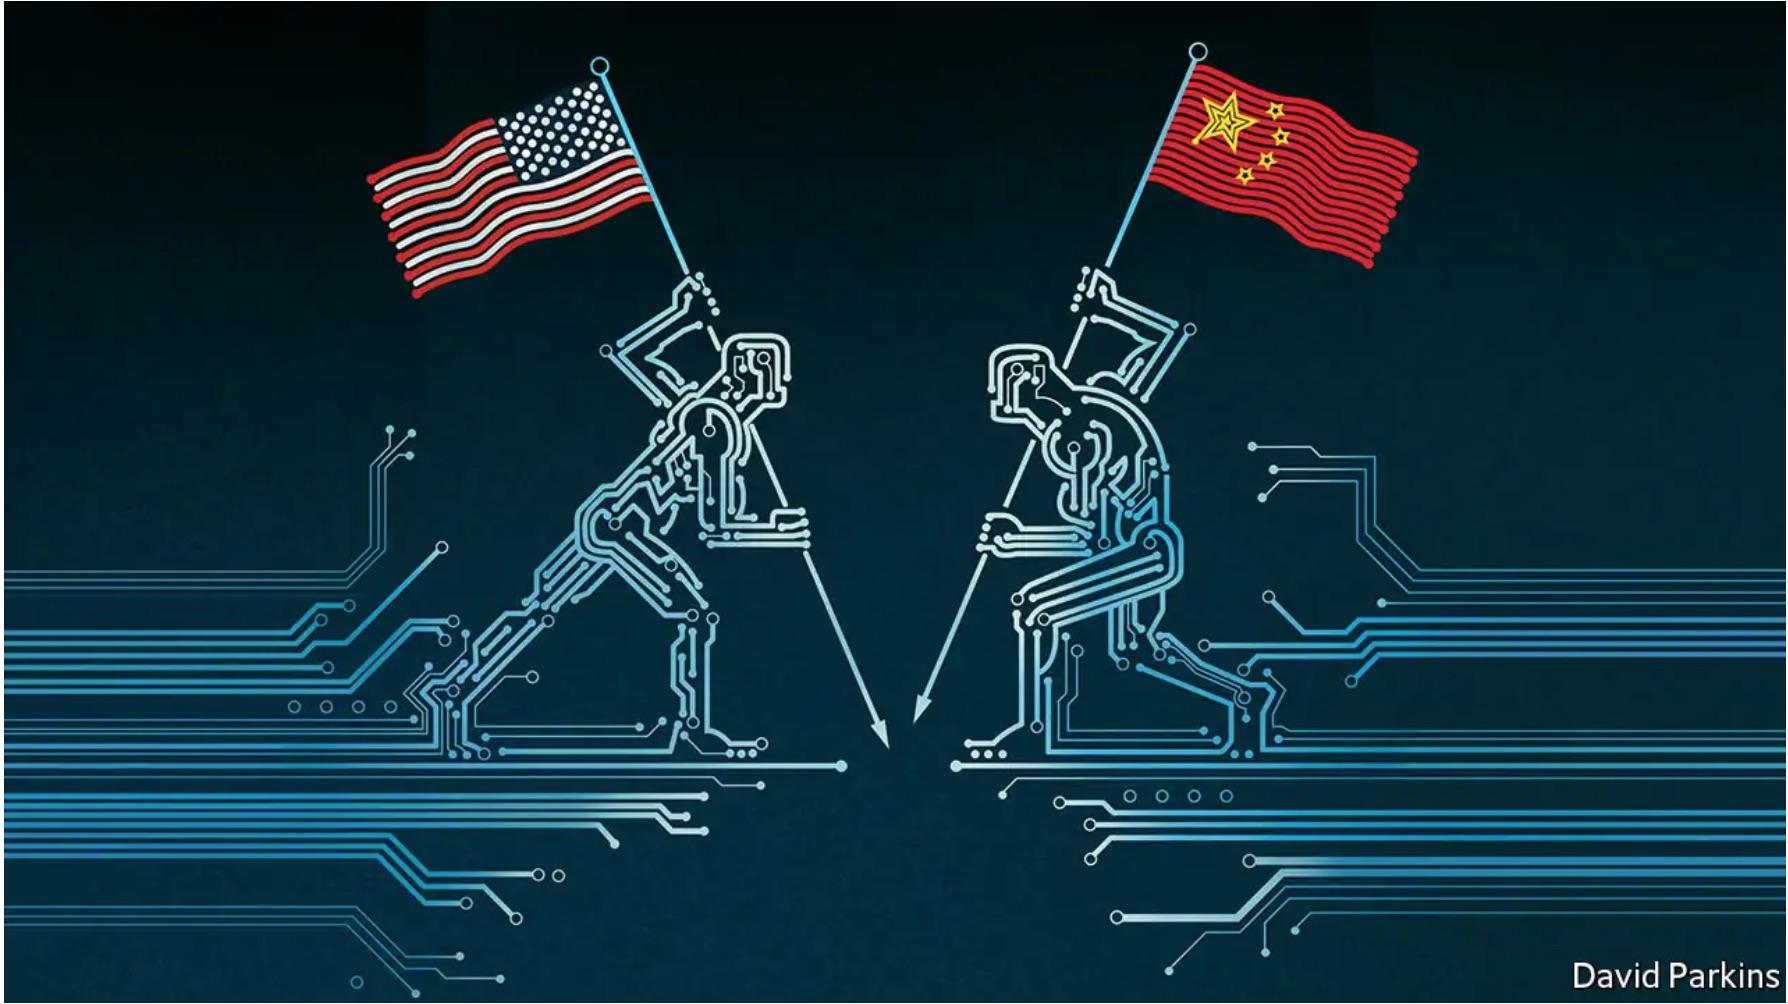 Ο Ηλίας Καραβόλιας διαβλέπει ότι ο δυτικός νεοκρατισμός θα επικρατήσει στην μετά covid 19 εποχή. Η πανδημία αλλάζει τα οικονομικά δεδομένα στις δυτικές οικονομίες, οι οποίες ολοένα και περισσότερο θα αρχίσουν να μοιάζουν με το μοντέλο που ανέδειξε την Κίνα σε πανίσχυρο παίκτη του διεθνούς συστήματος. new deal